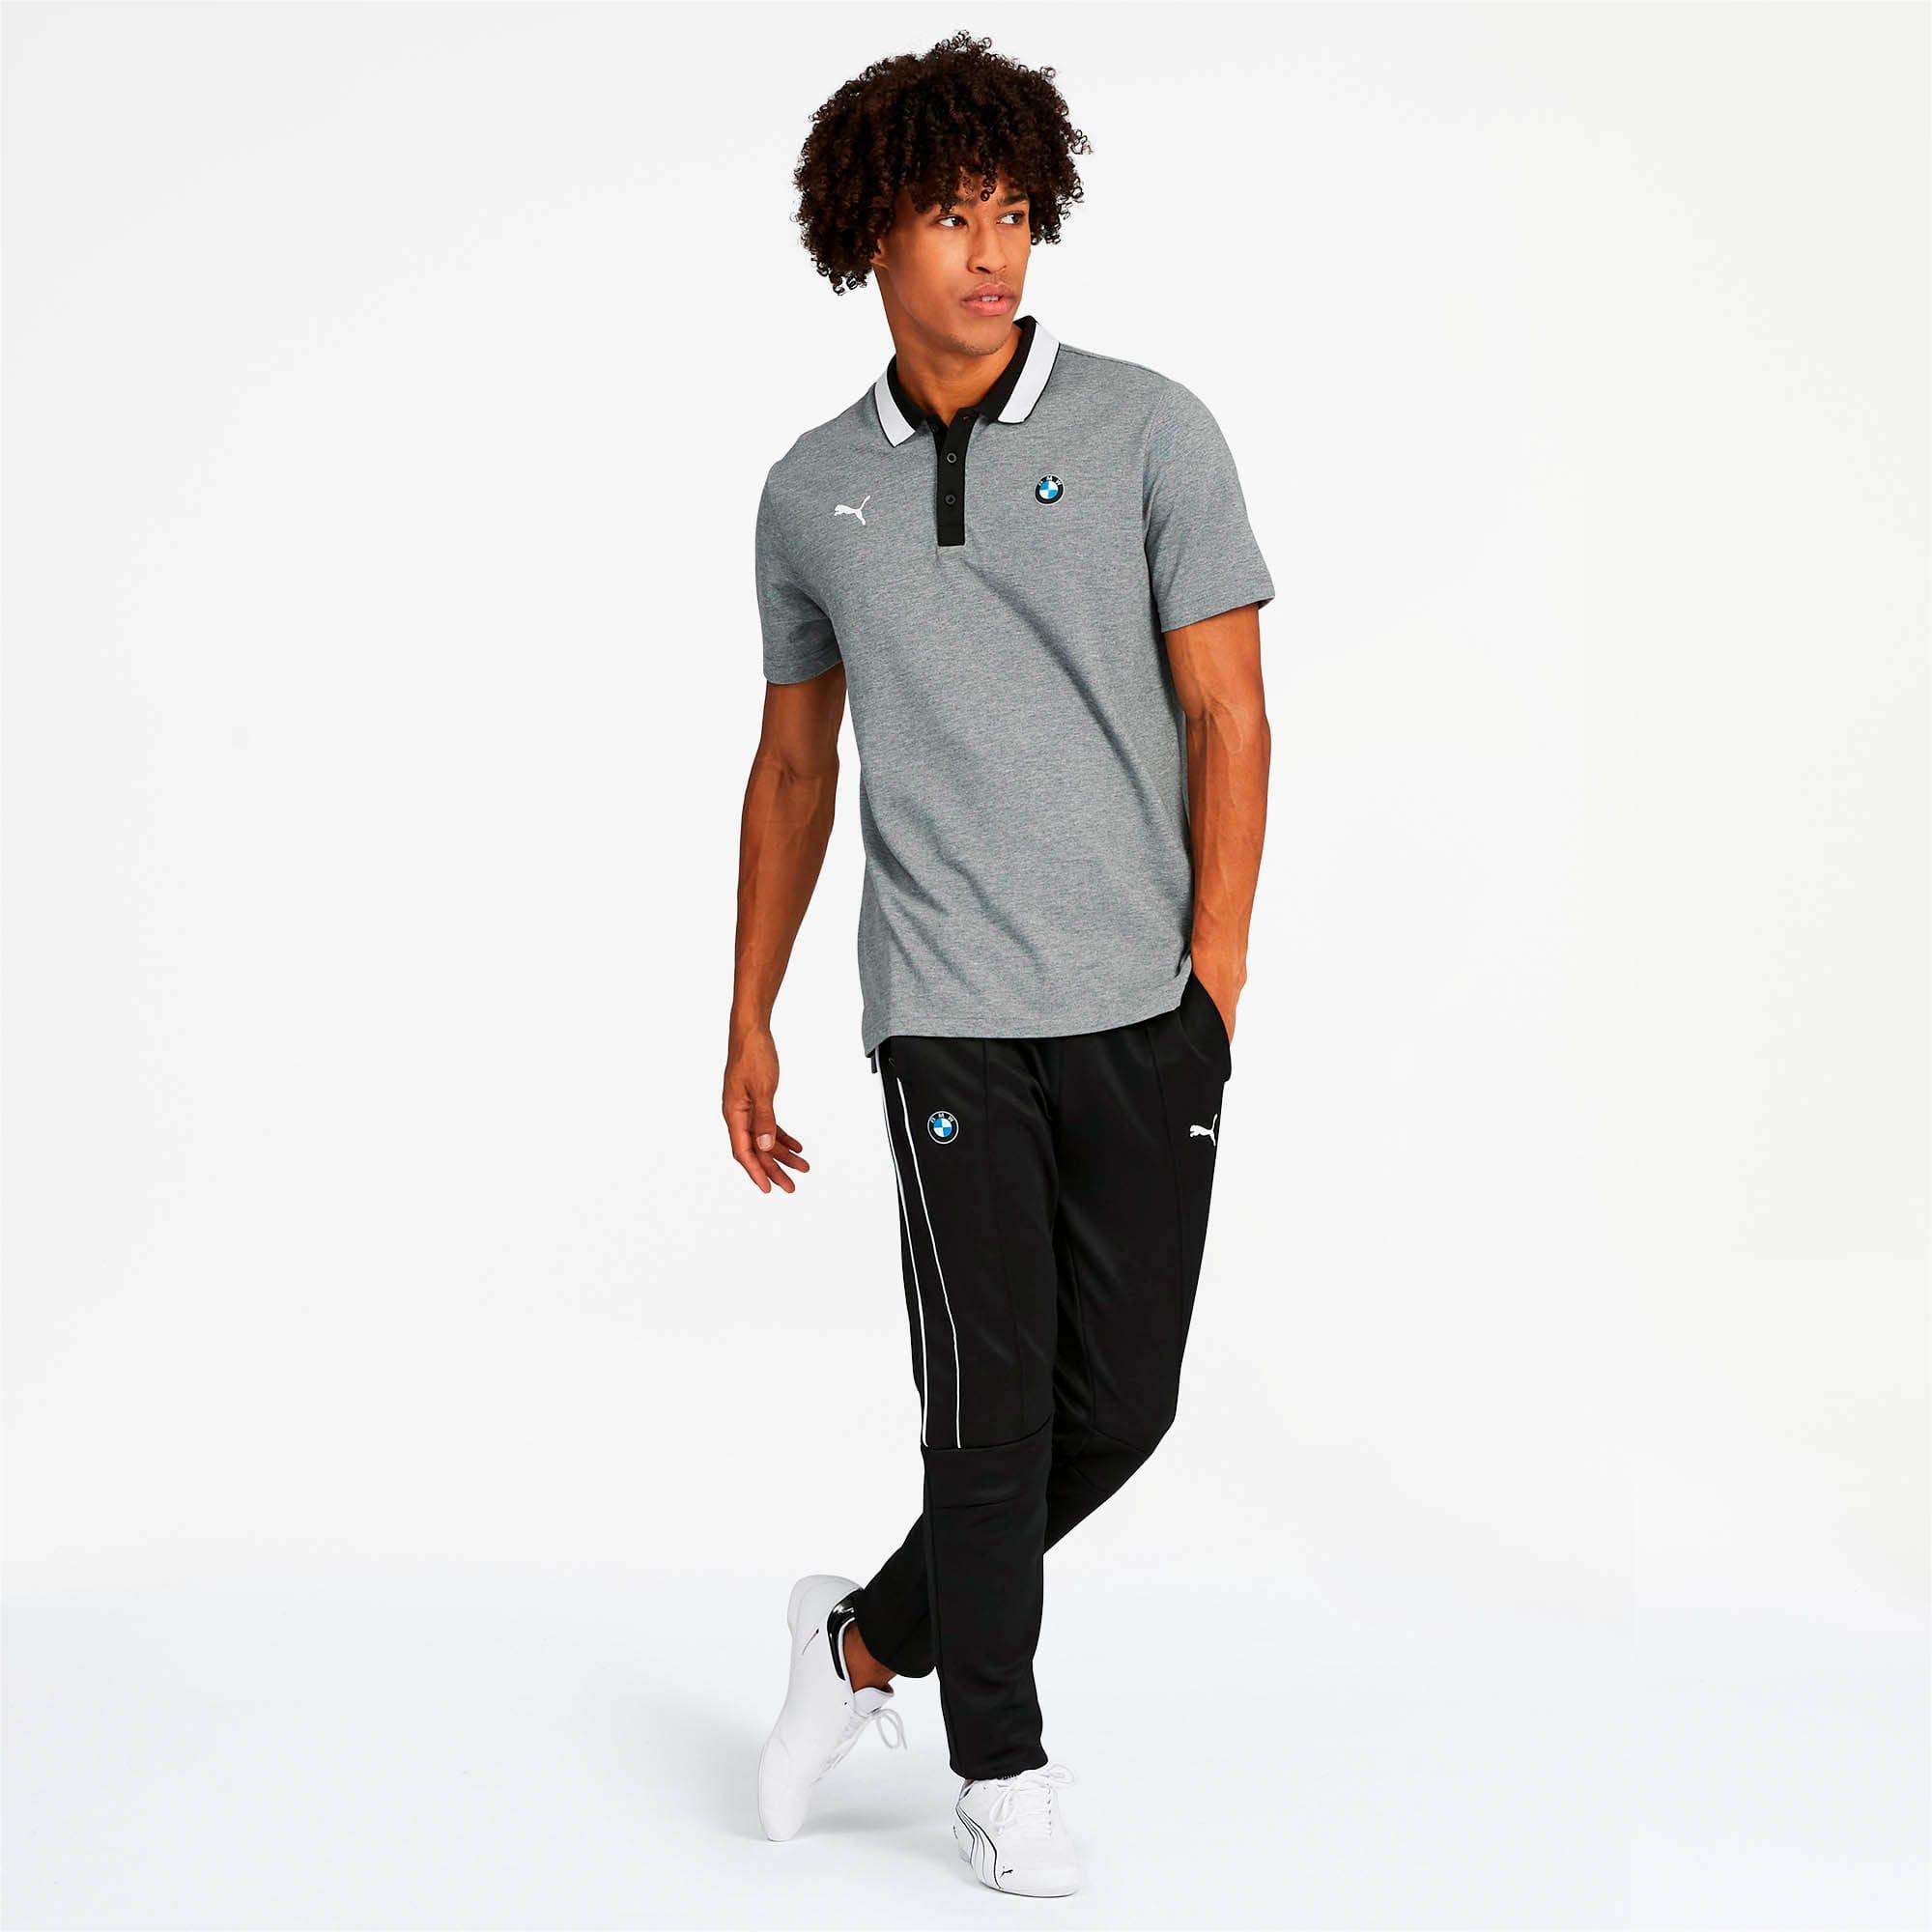 Miniatura 3 de Camiseta tipo polo BMW M Motorsport para hombre, Medium Gray Heather, mediano